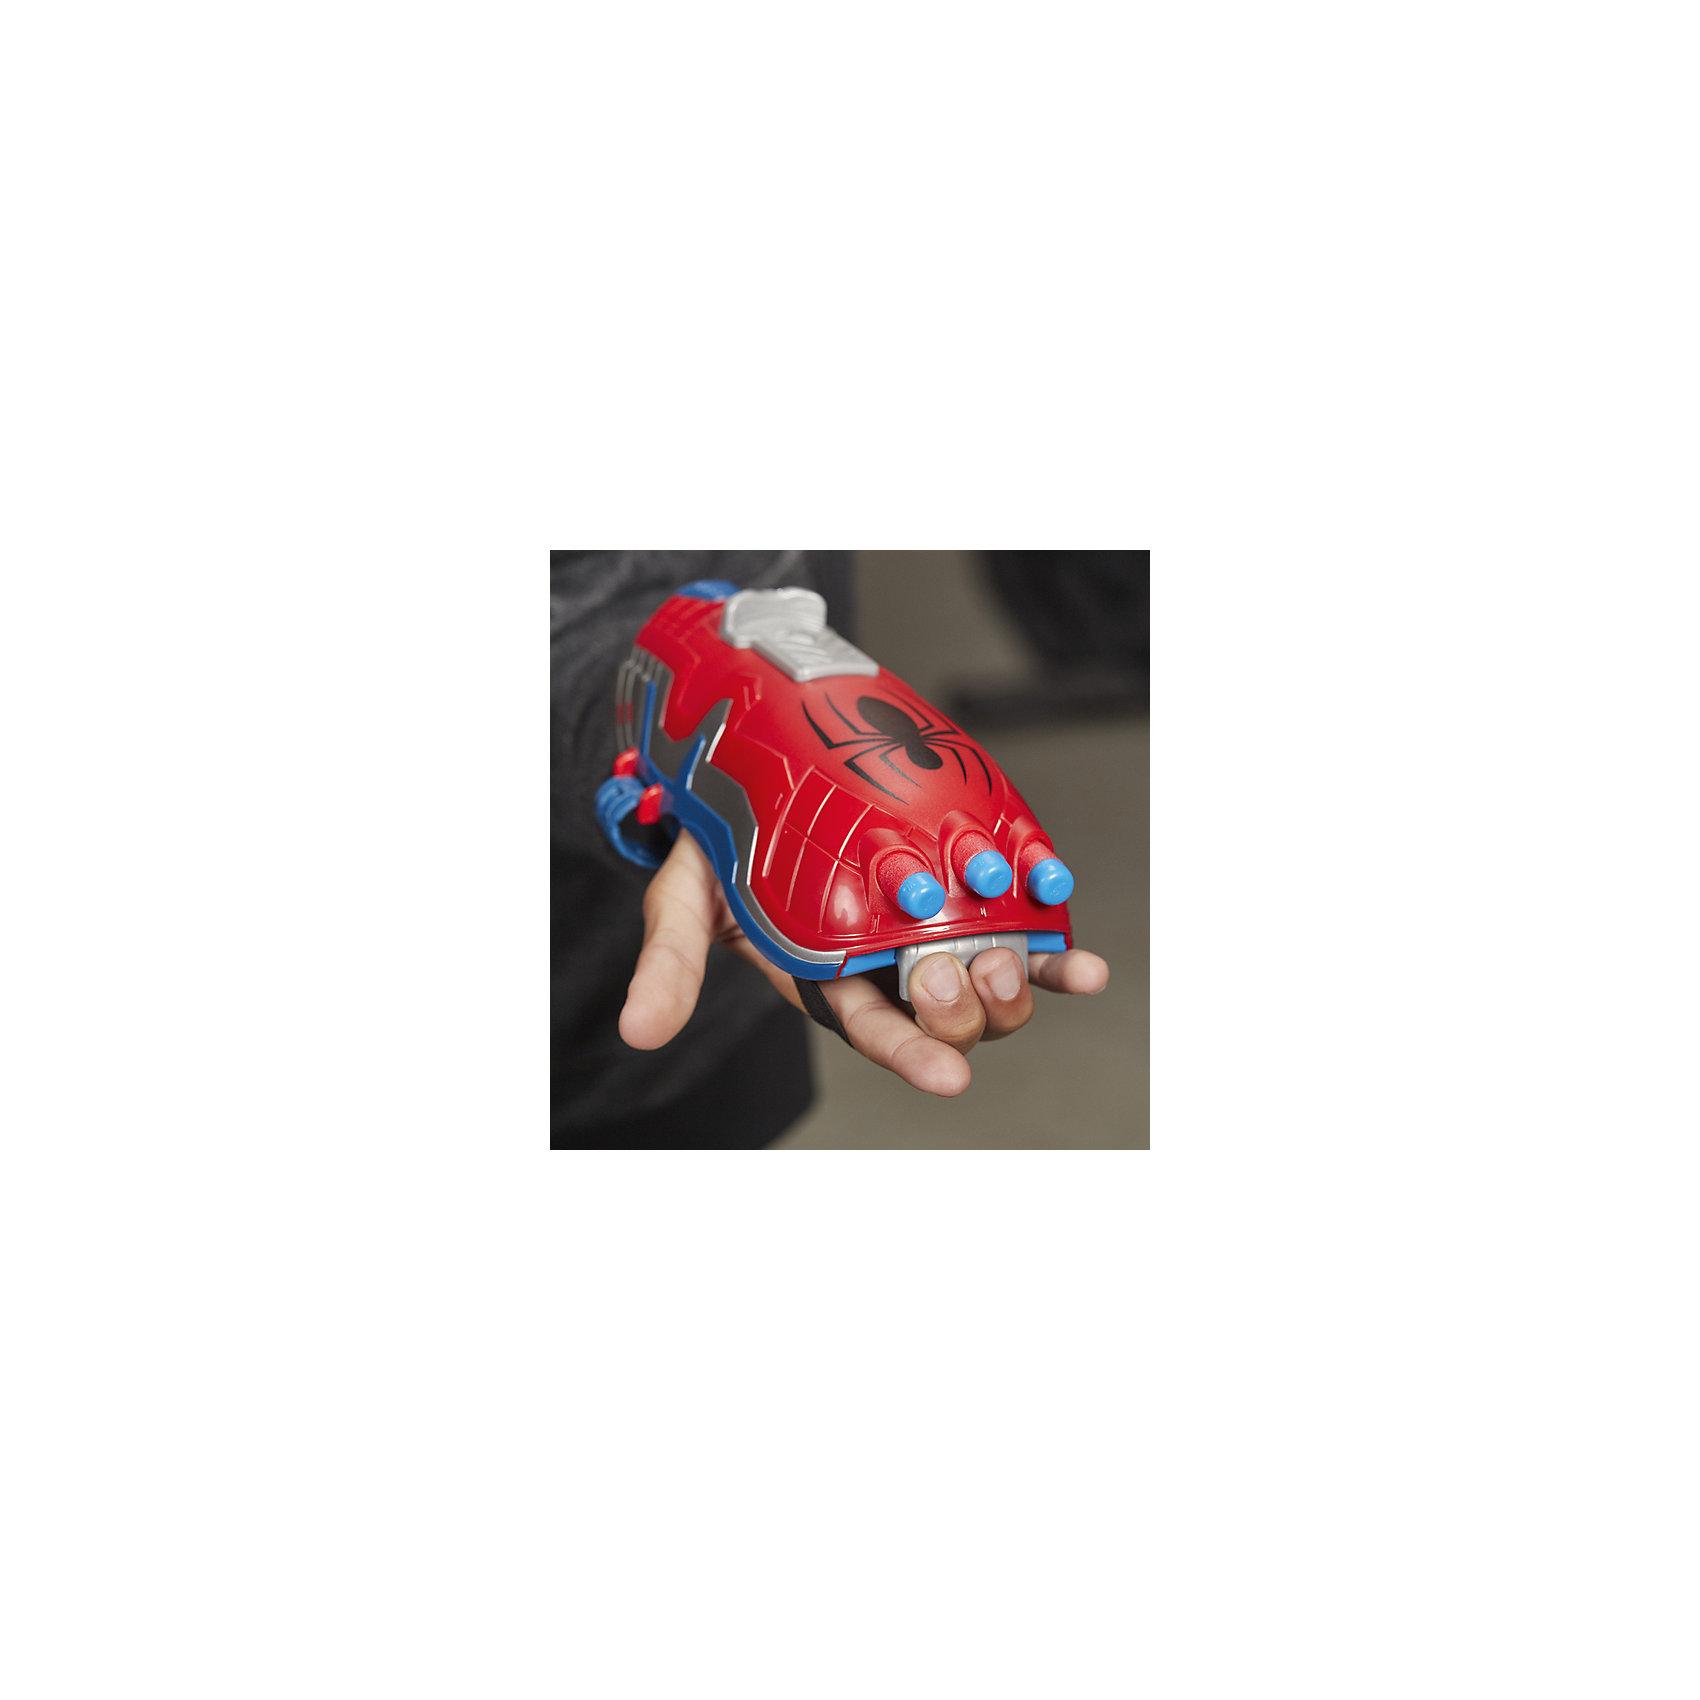 Бластер Человека паука, одевается на руку, Hasbro от myToys